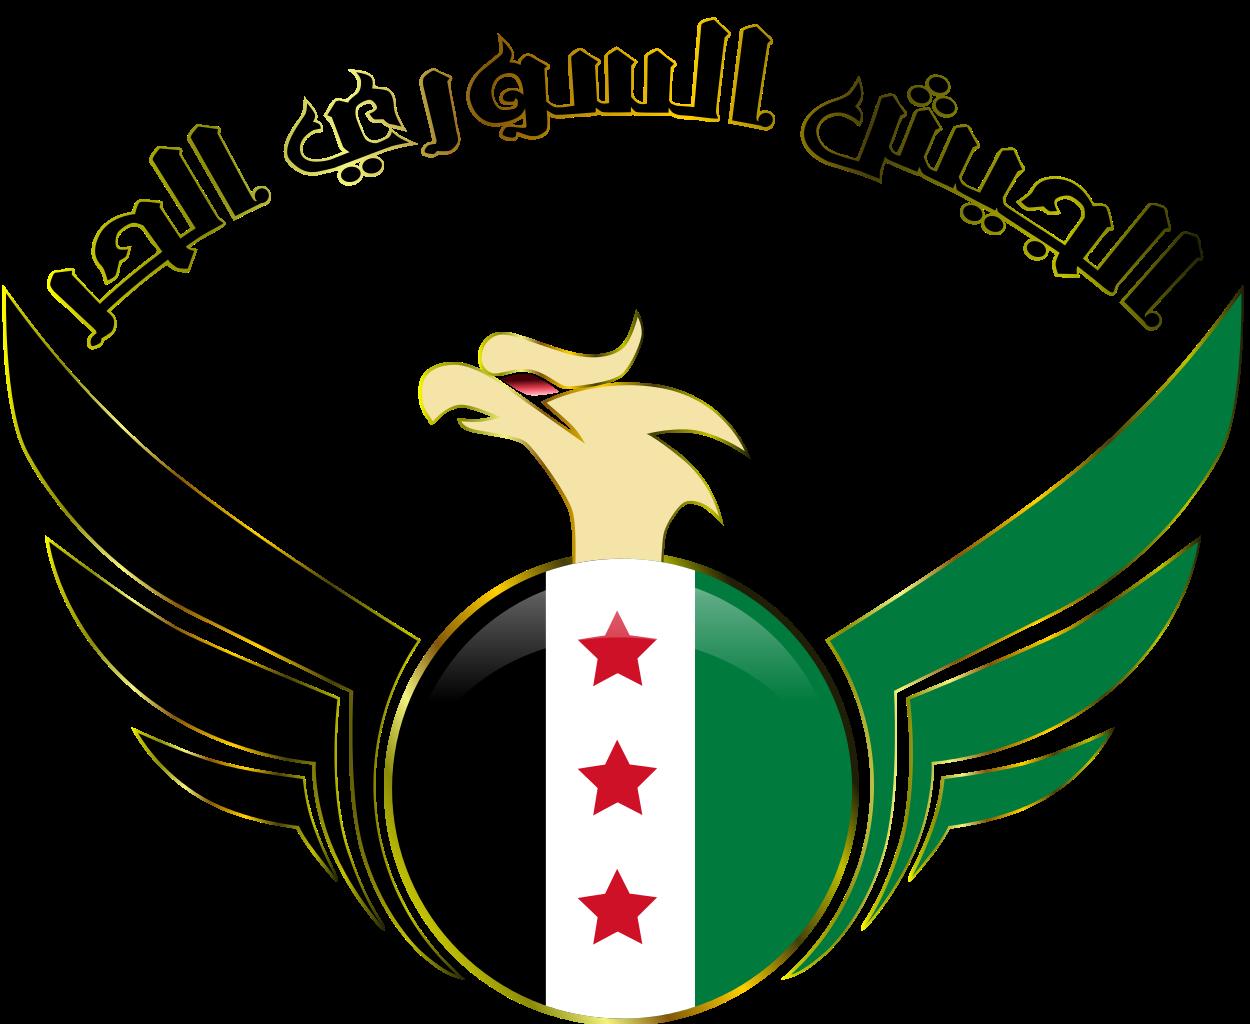 Σύμβολα καὶ οἰκόσημα...119 μισθοφόροι Συρίας